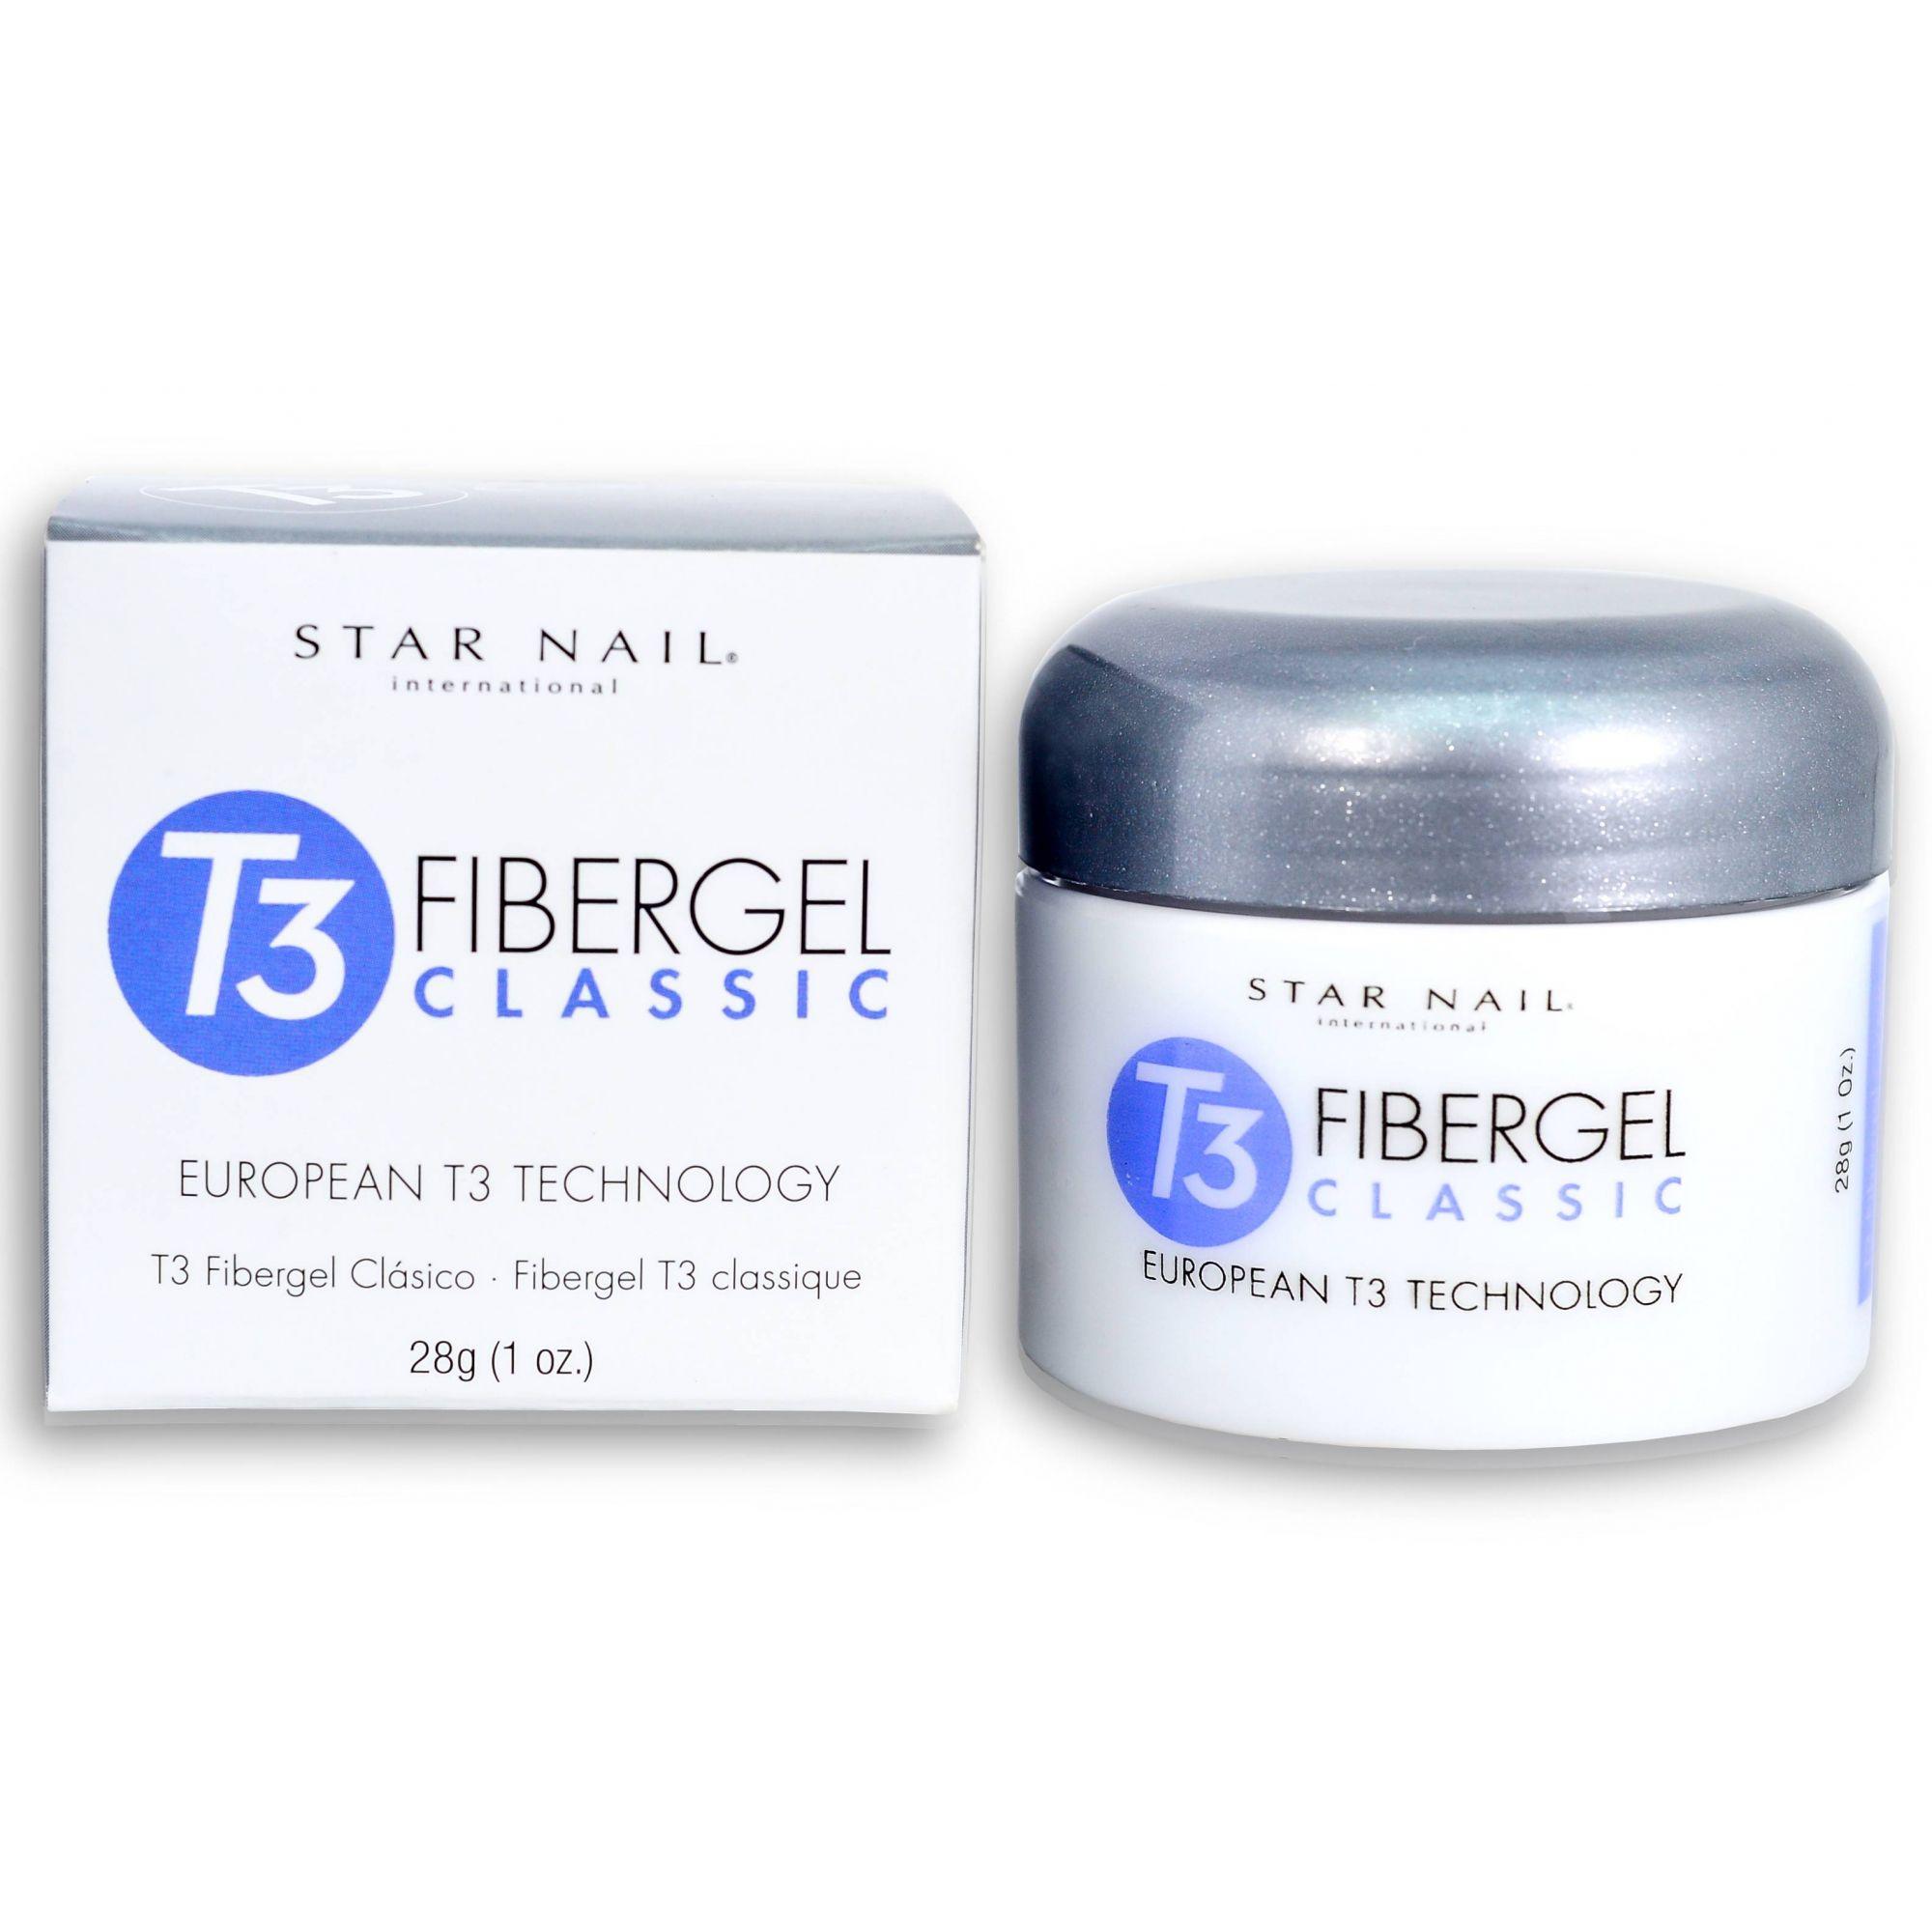 CUCCIO Gel para unhas Star Nail T3 Uv Fibergel CLEAR   - Sílvia Pedrarias & Cia